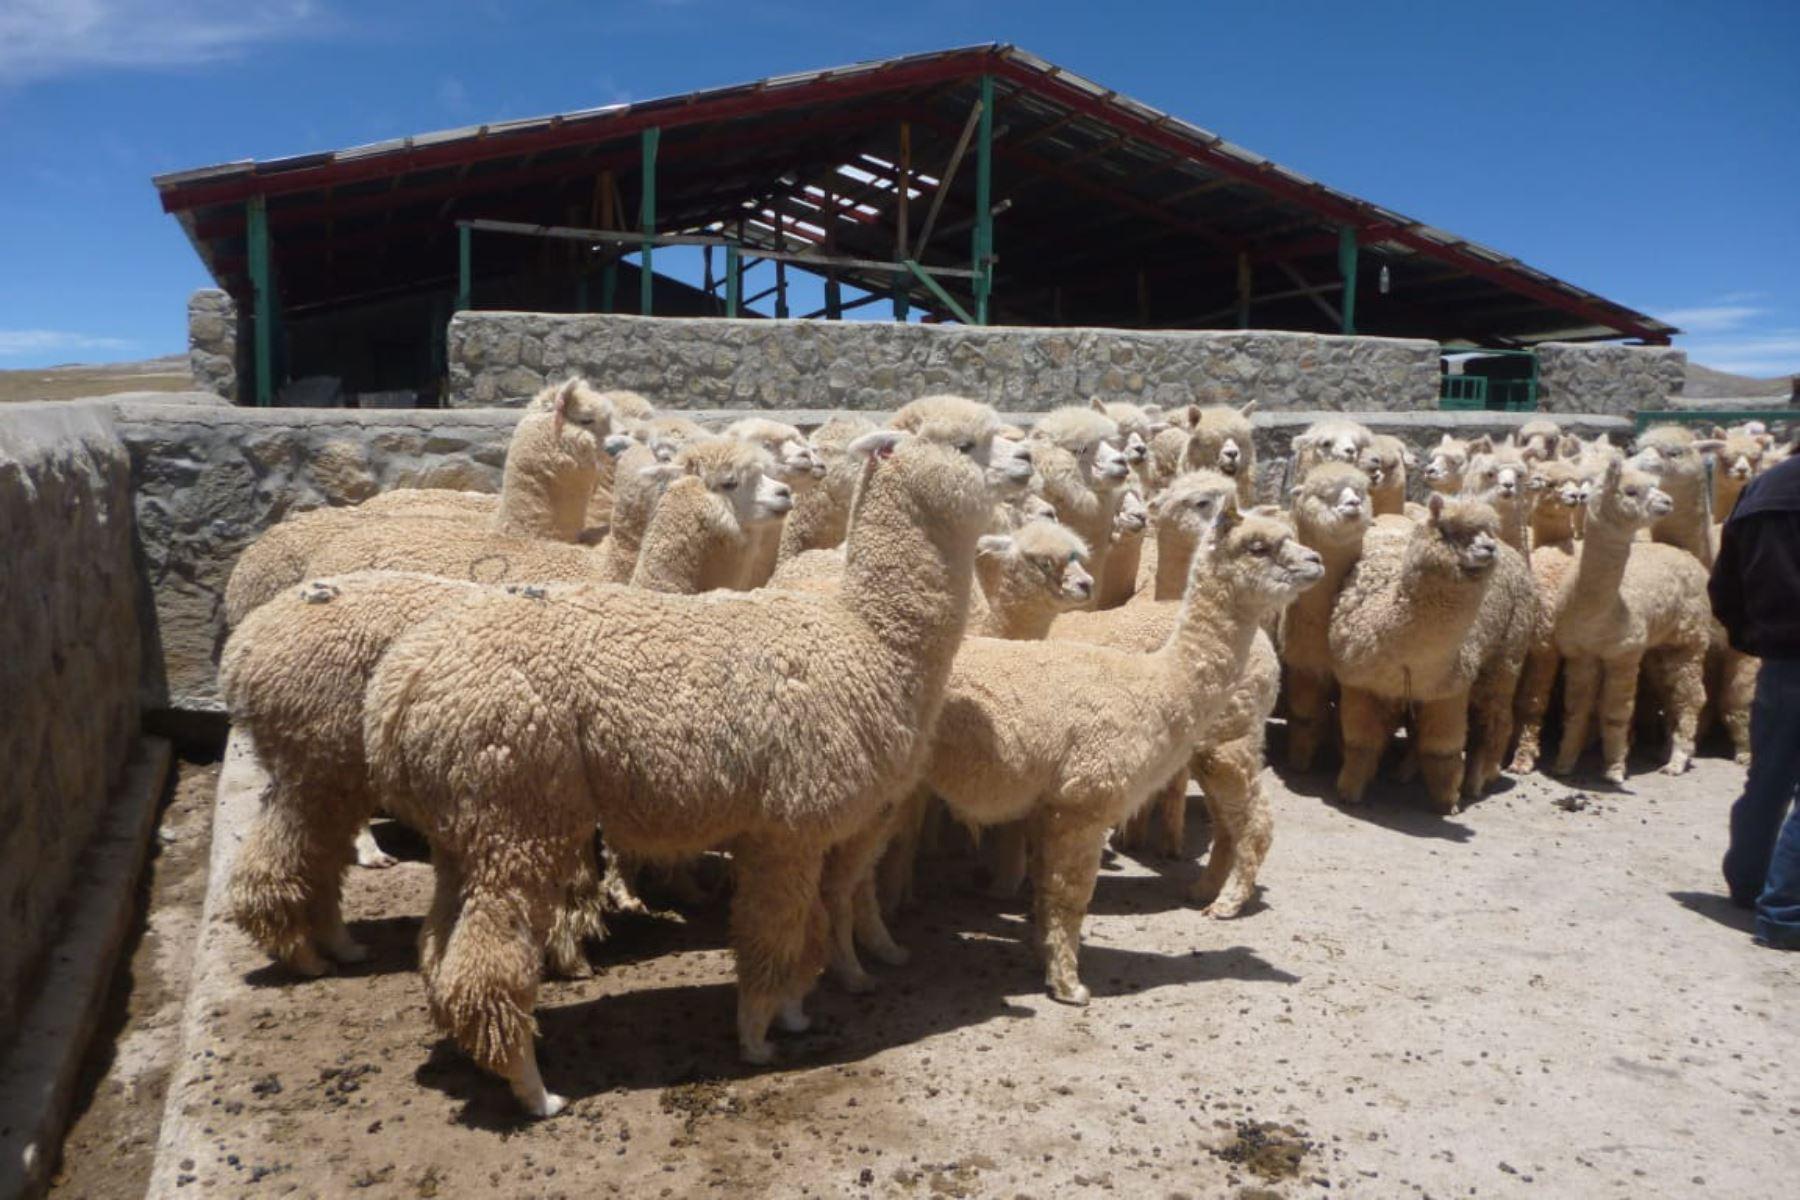 Al celebrarse hoy el Día Nacional de la alpaca, el Ministerio de Agricultura y Riego, a través de Agro Rural, anunció que viene implementando 2,985 módulos de resguardo del ganado o cobertizos para proteger de las bajas temperaturas a un total de 298,500 cabezas de camélidos sudamericanos y ovinos en 12 regiones del país. ANDINA/Difusión